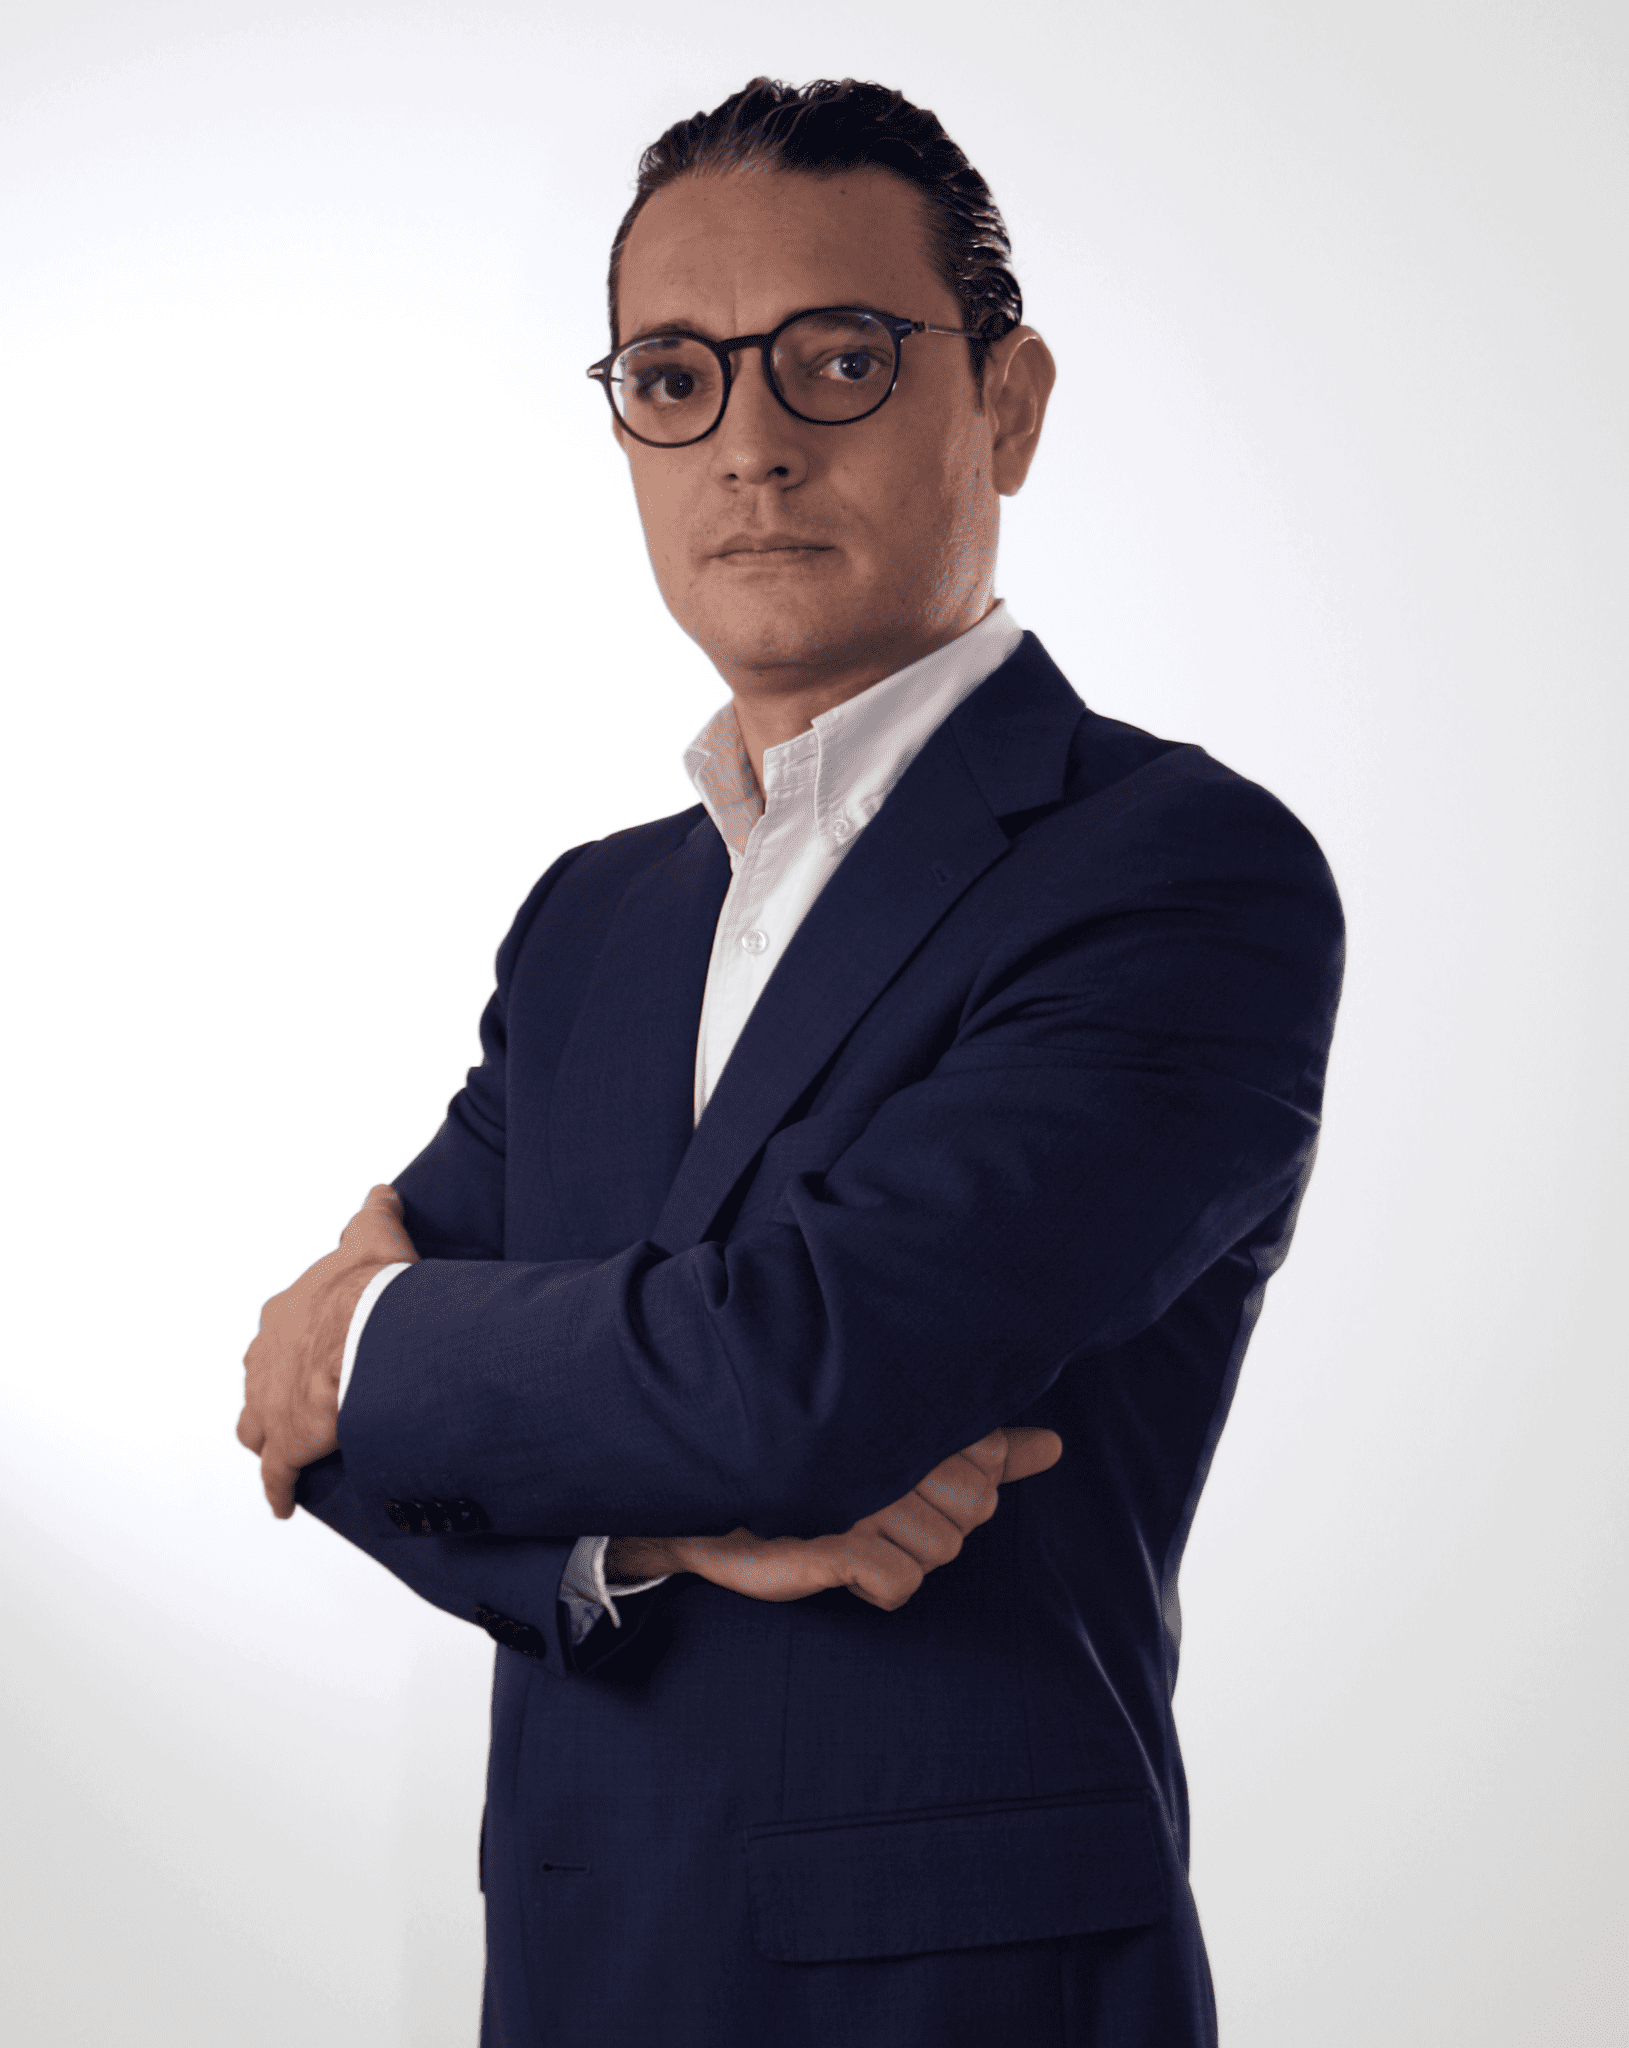 Carlos Llopis